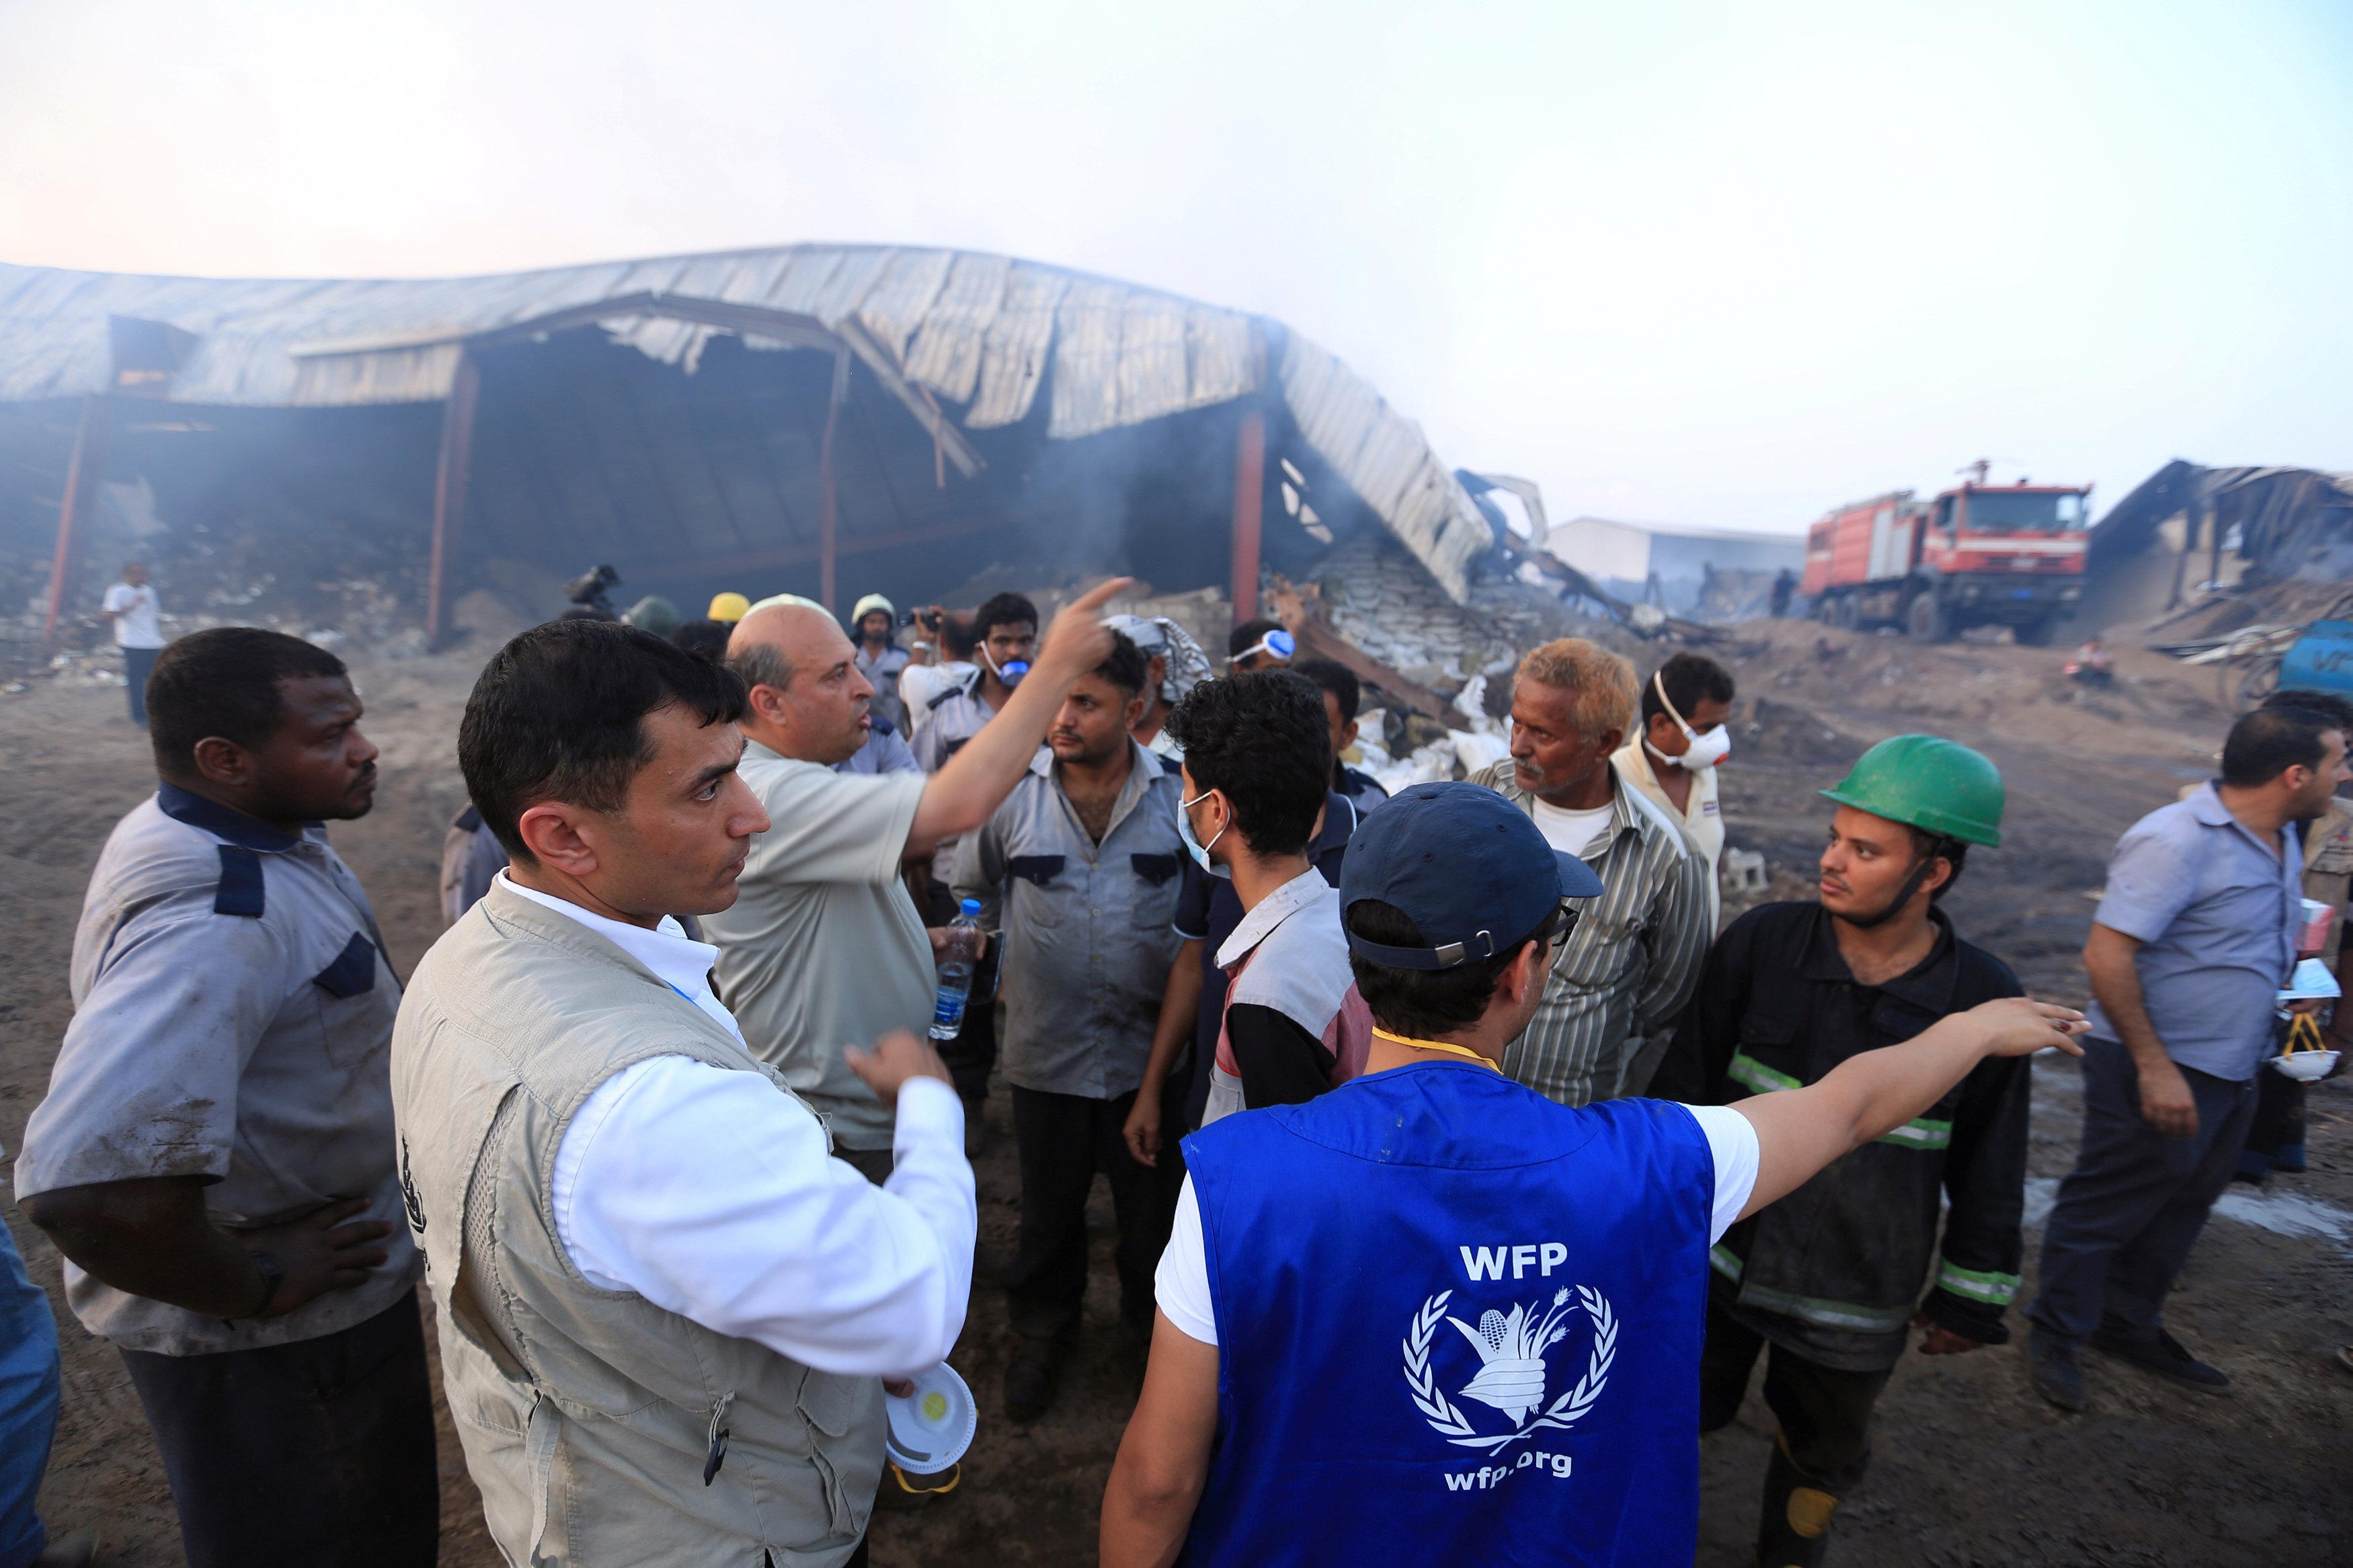 Los trabajadores humanitarios inspeccionan un almacén del Programa Mundial de Alimentos un día después de que el fuego lo envolvió en la ciudad portuaria de Hodeida, Yemen, el 1 de abril de 2018. REUTERS / Abduljabbar Zeyad